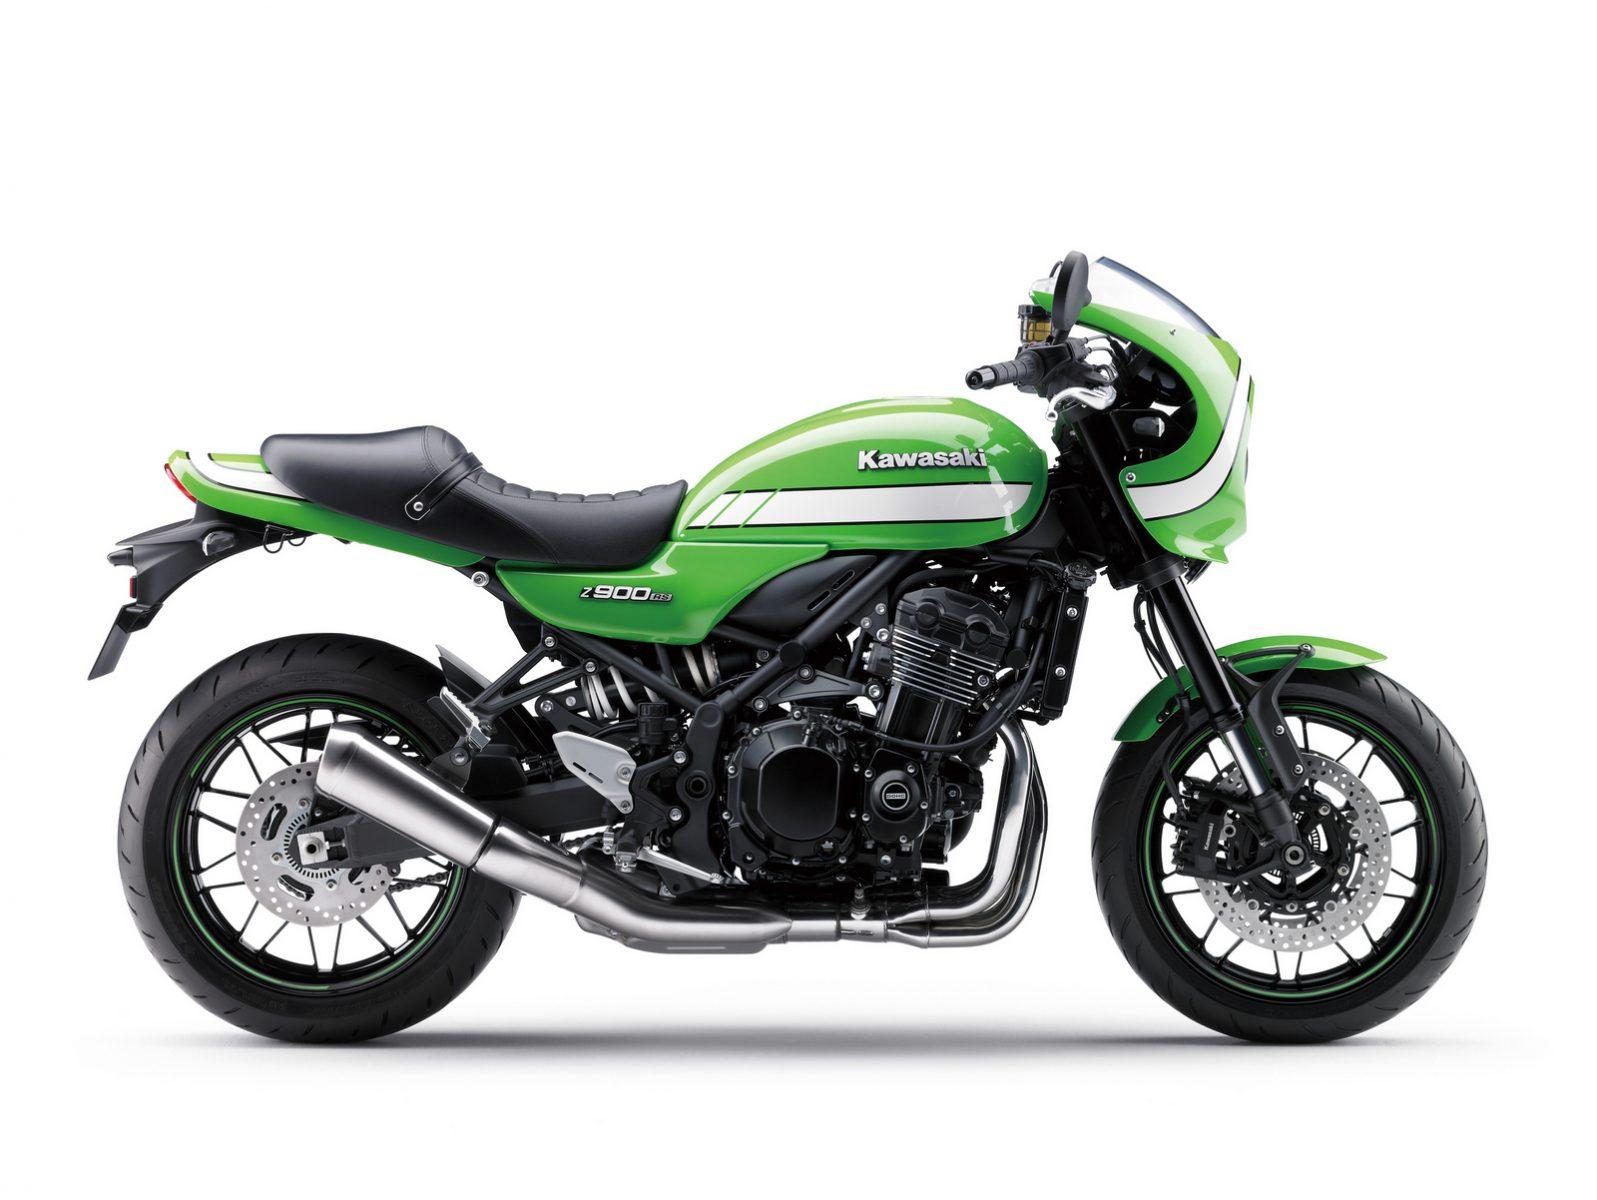 Kawasaki Z 900 Rs Neues Retro Bike Feuerstuhl Das